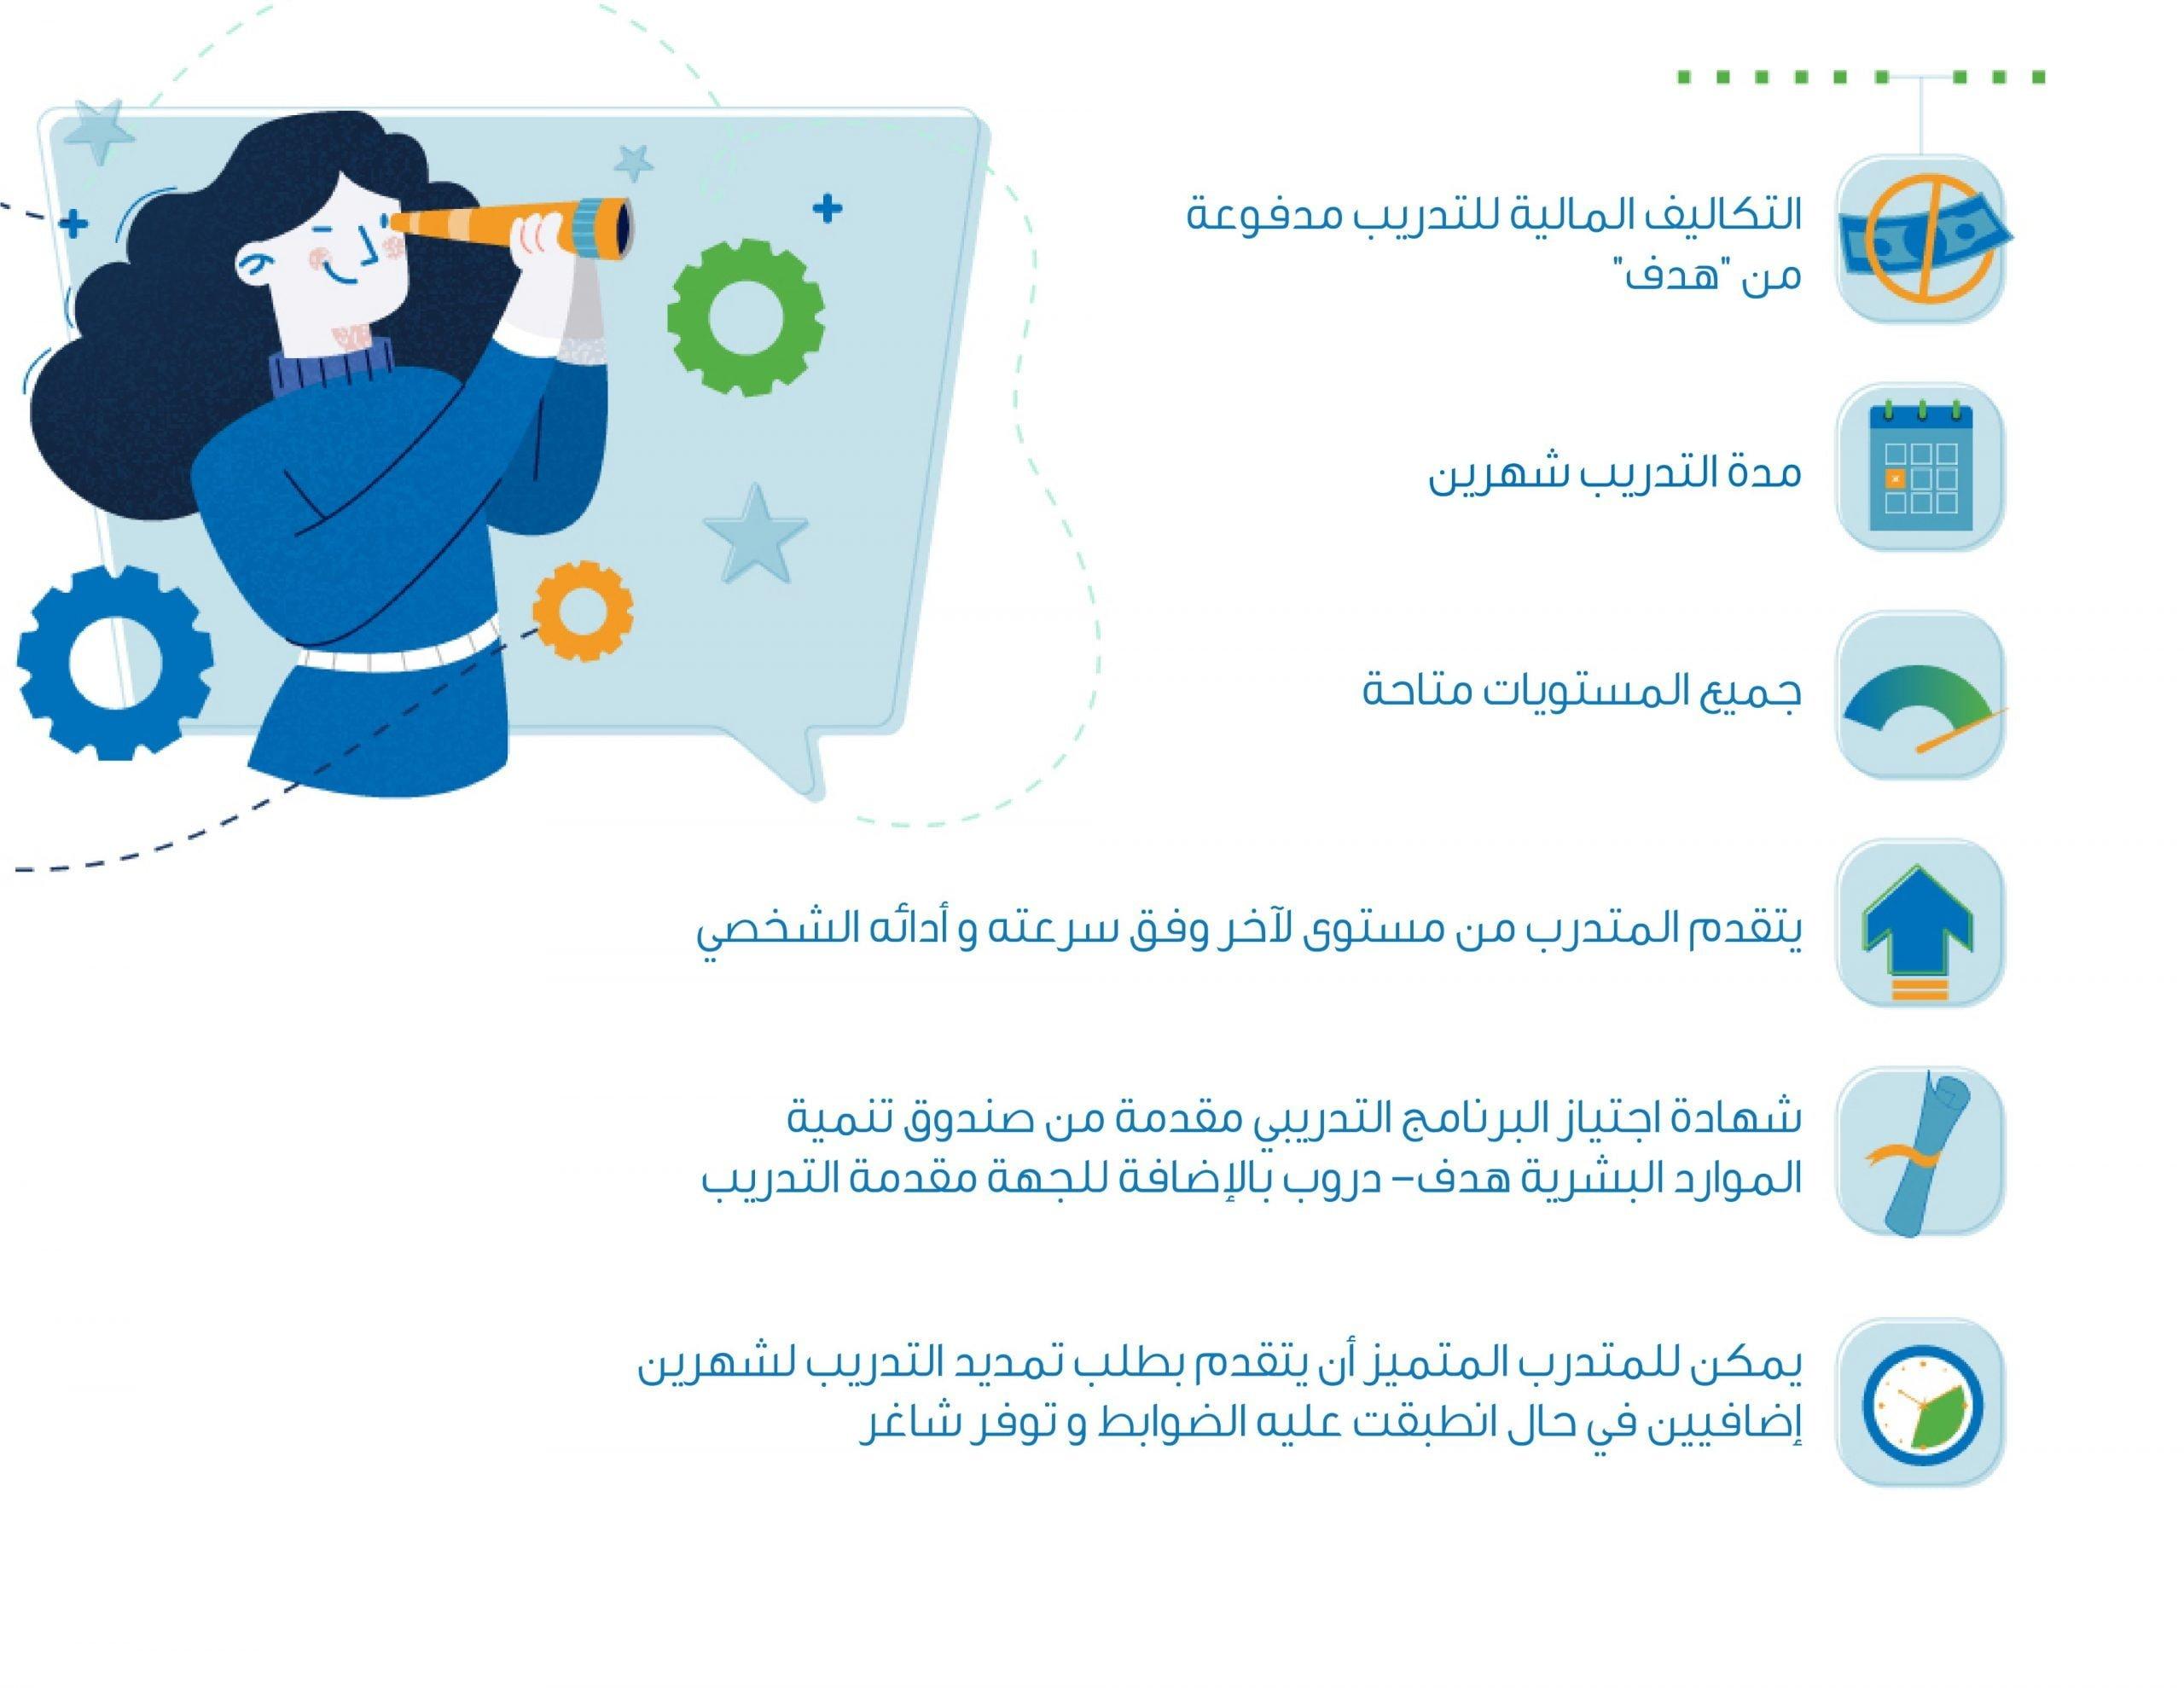 بدء التقديم في برنامج تعليم اللغة الإنجليزية عن بُعد لدى صندوق هدف 3